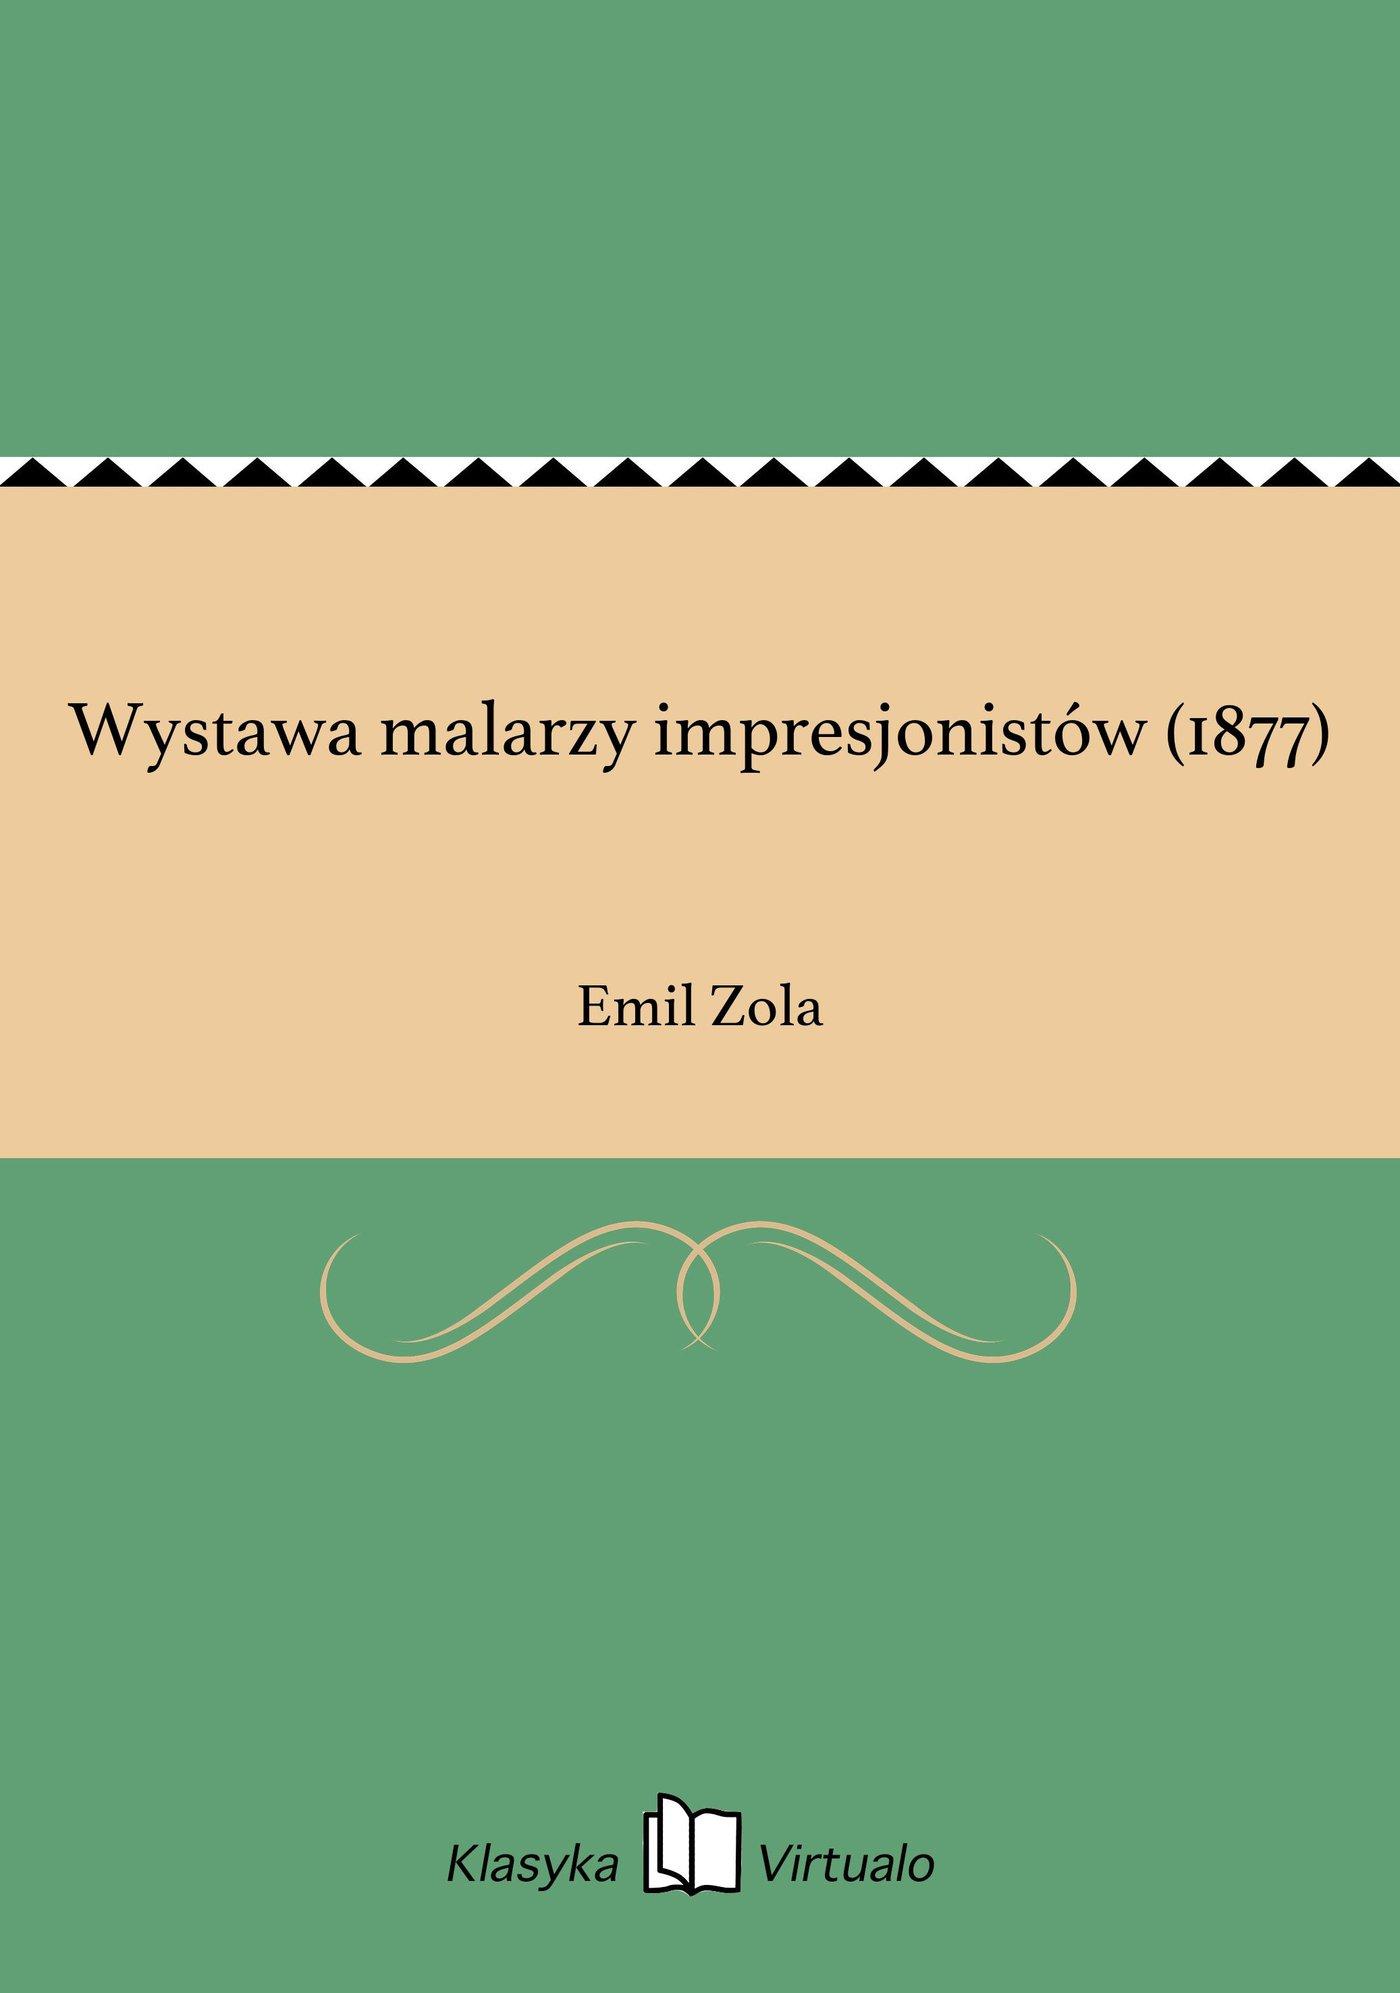 Wystawa malarzy impresjonistów (1877) - Ebook (Książka EPUB) do pobrania w formacie EPUB